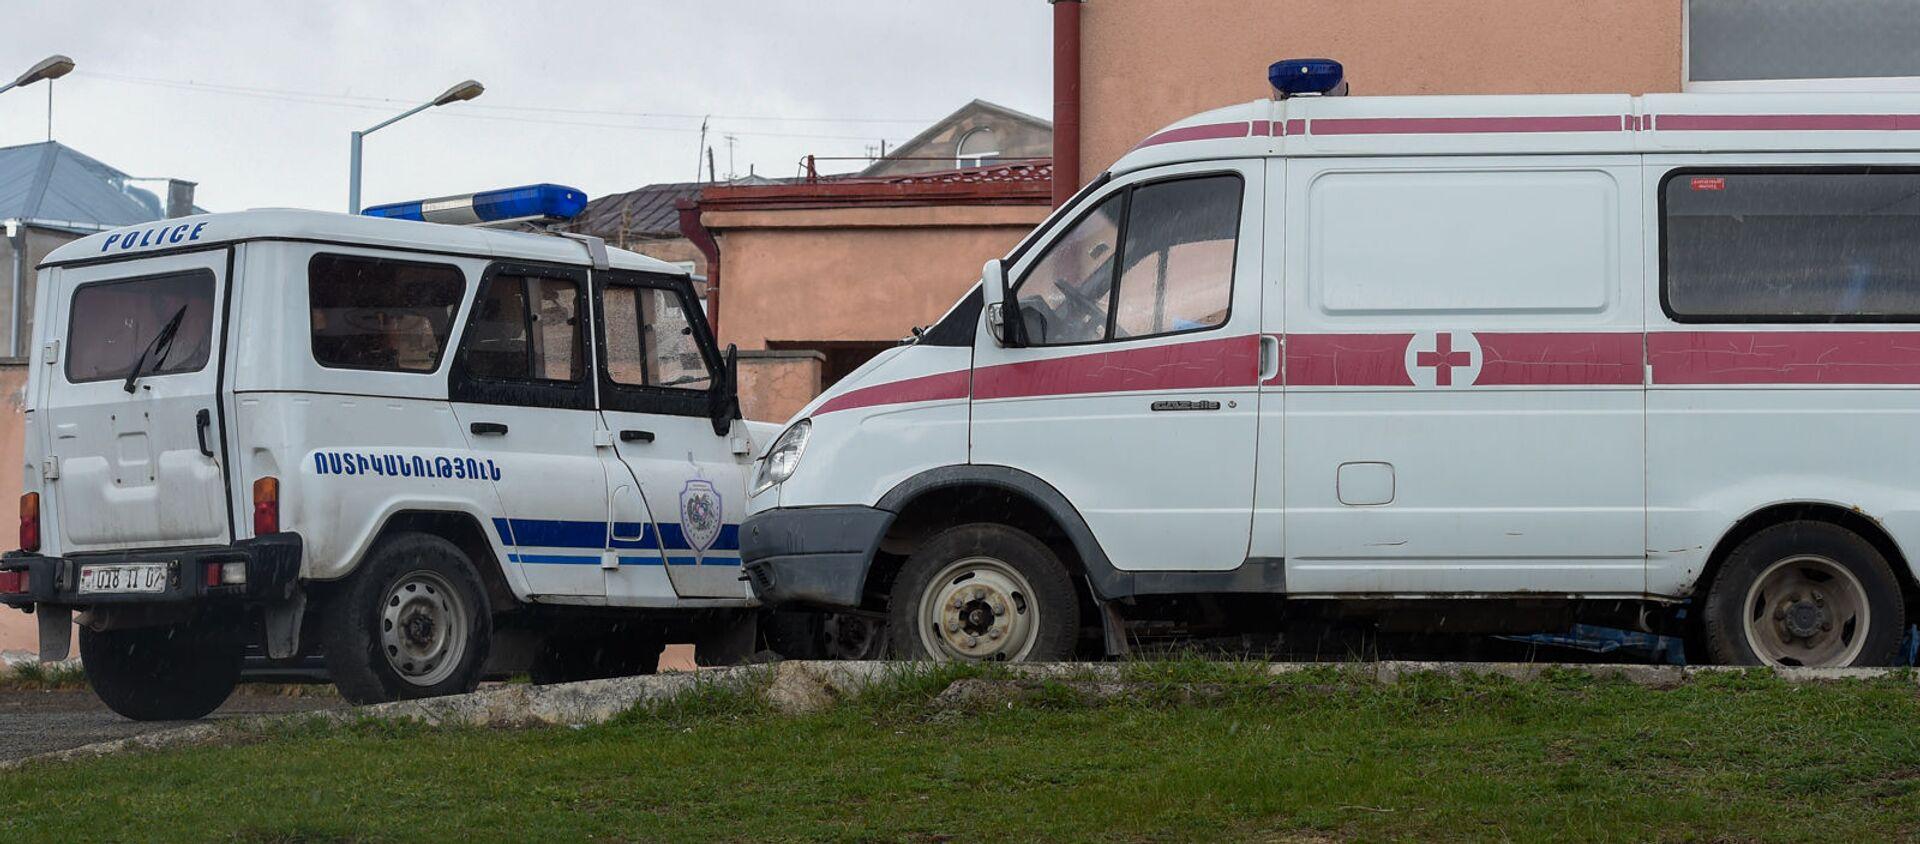 Автомобили полиции и скорой помощи на месте преступления (29 апреля 2020). Гавар - Sputnik Արմենիա, 1920, 12.08.2021